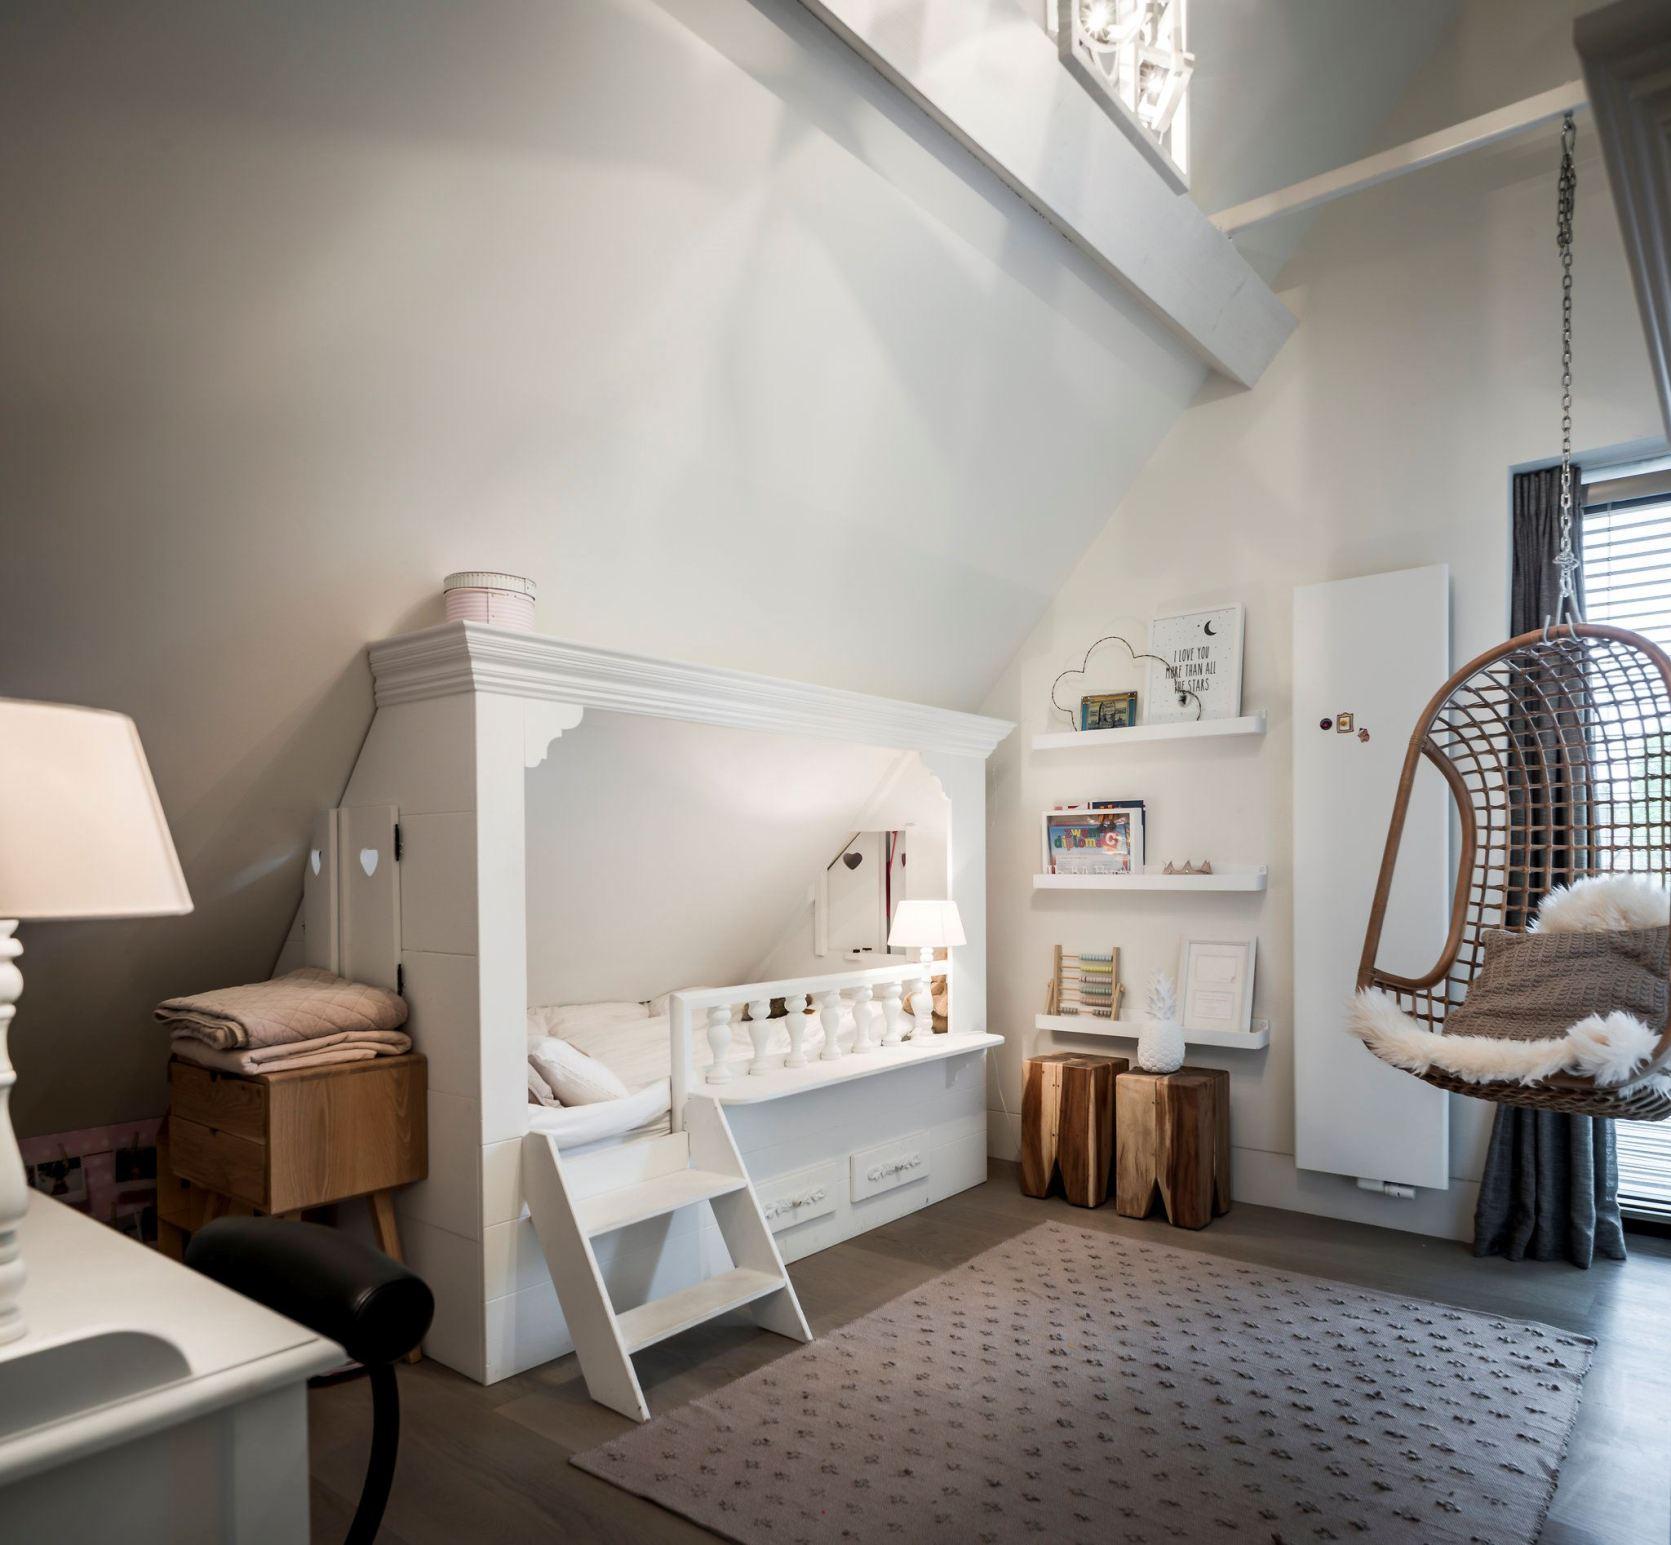 детская спальня подвесное кресло кровать с лесенкой